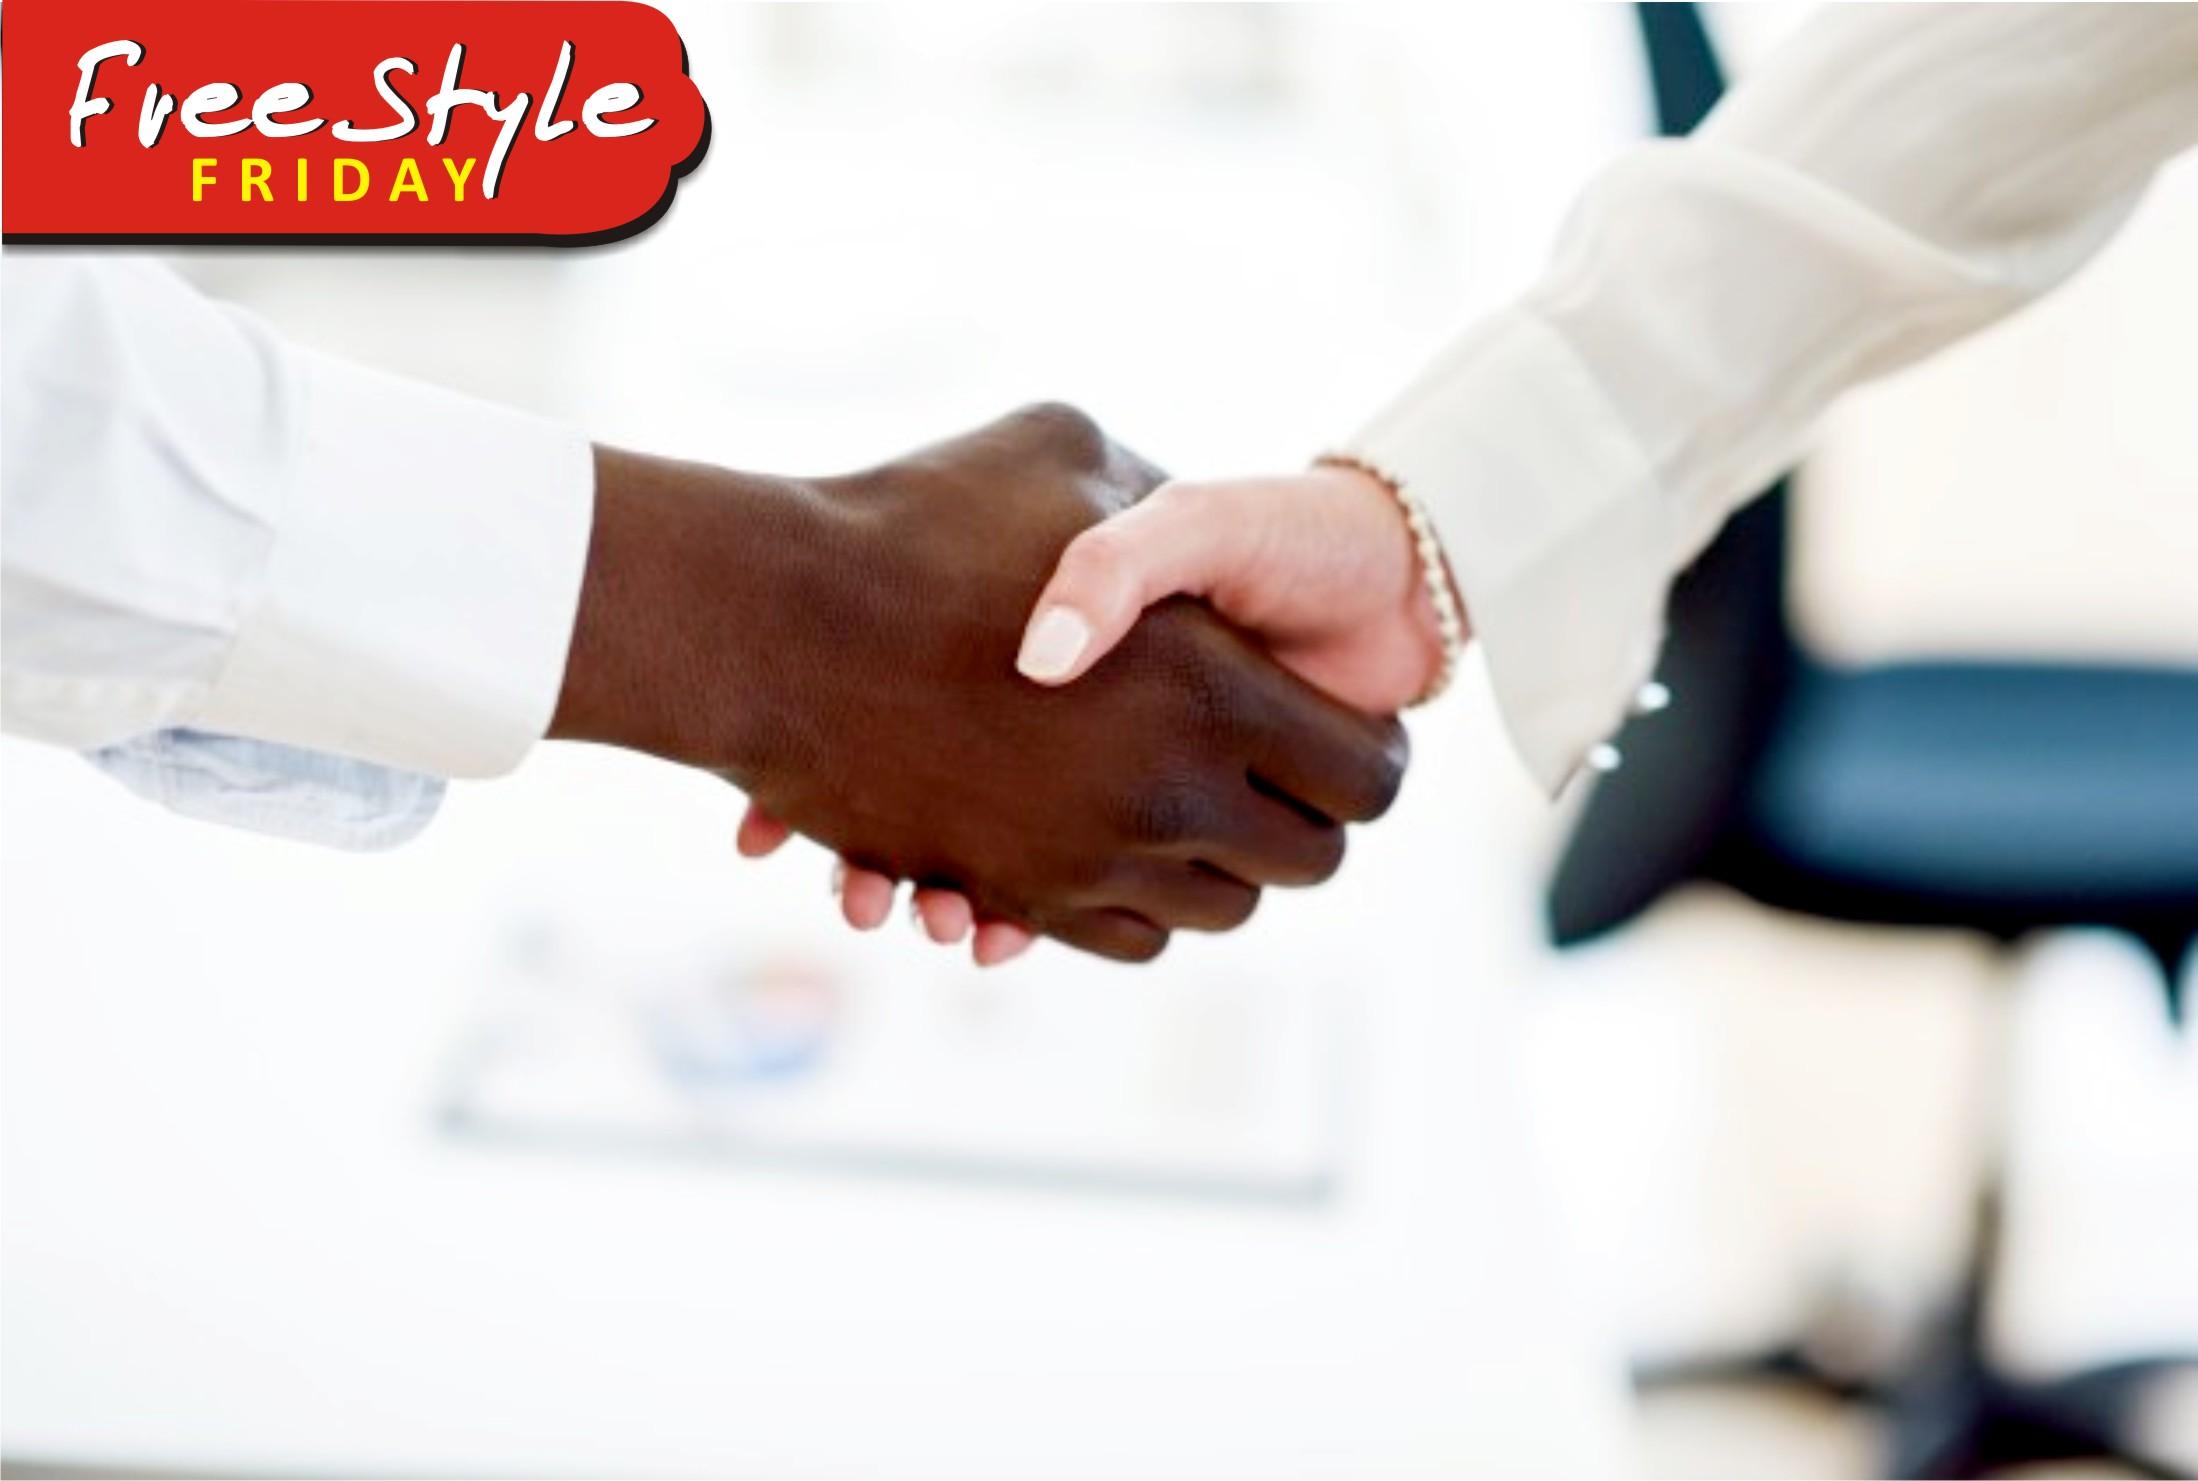 Handshake Etiquette